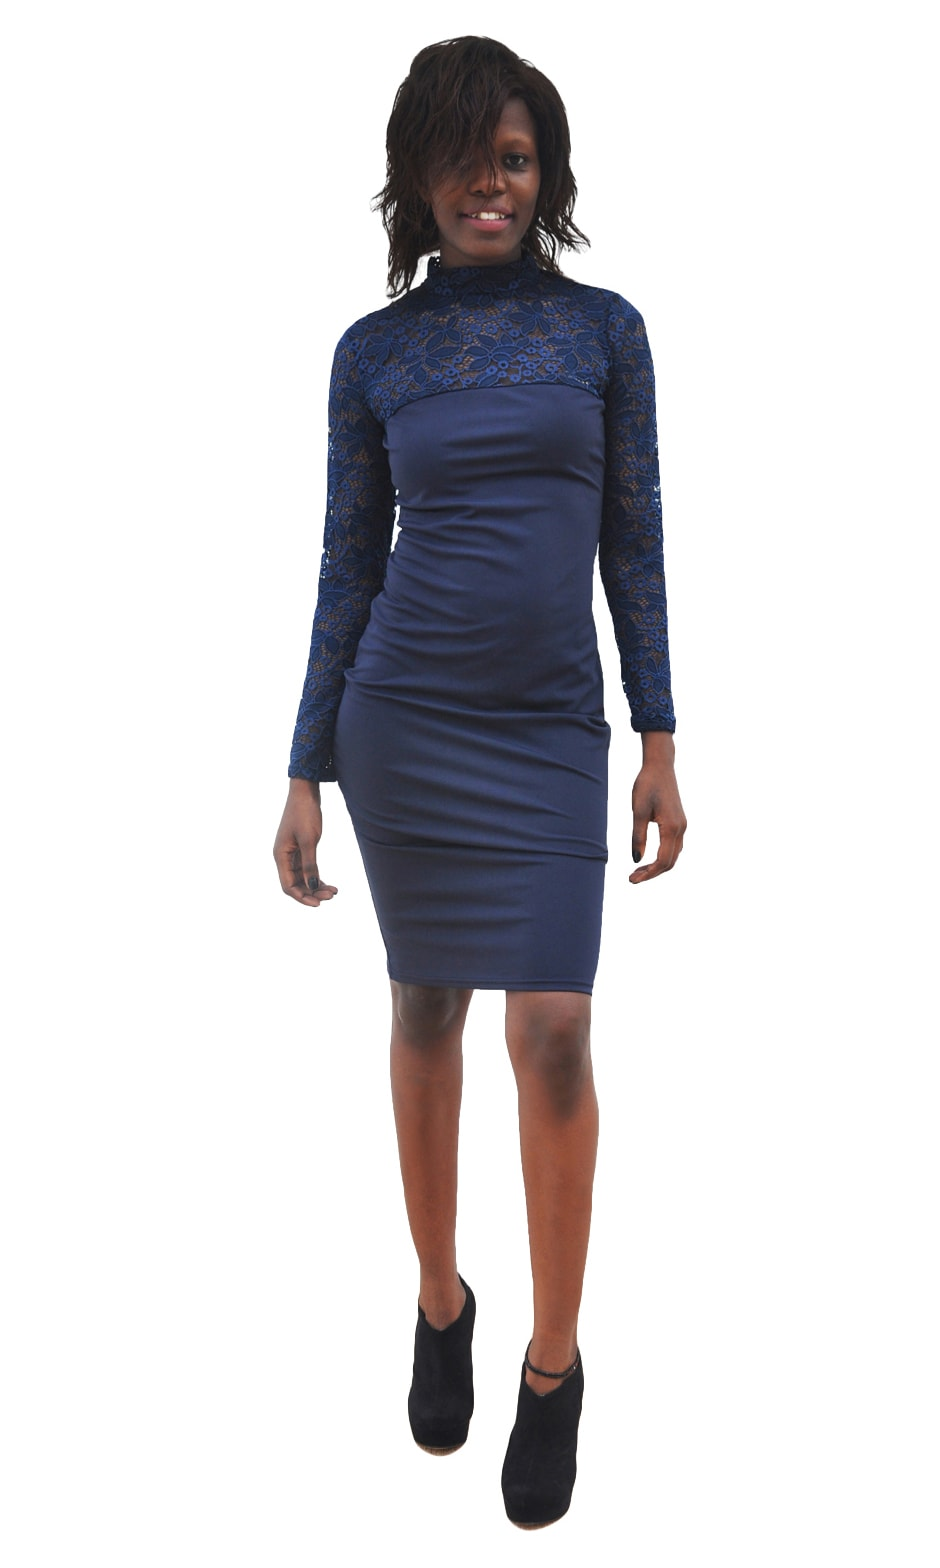 M0295 blue3 Bodycon Dresses maureens.com boutique